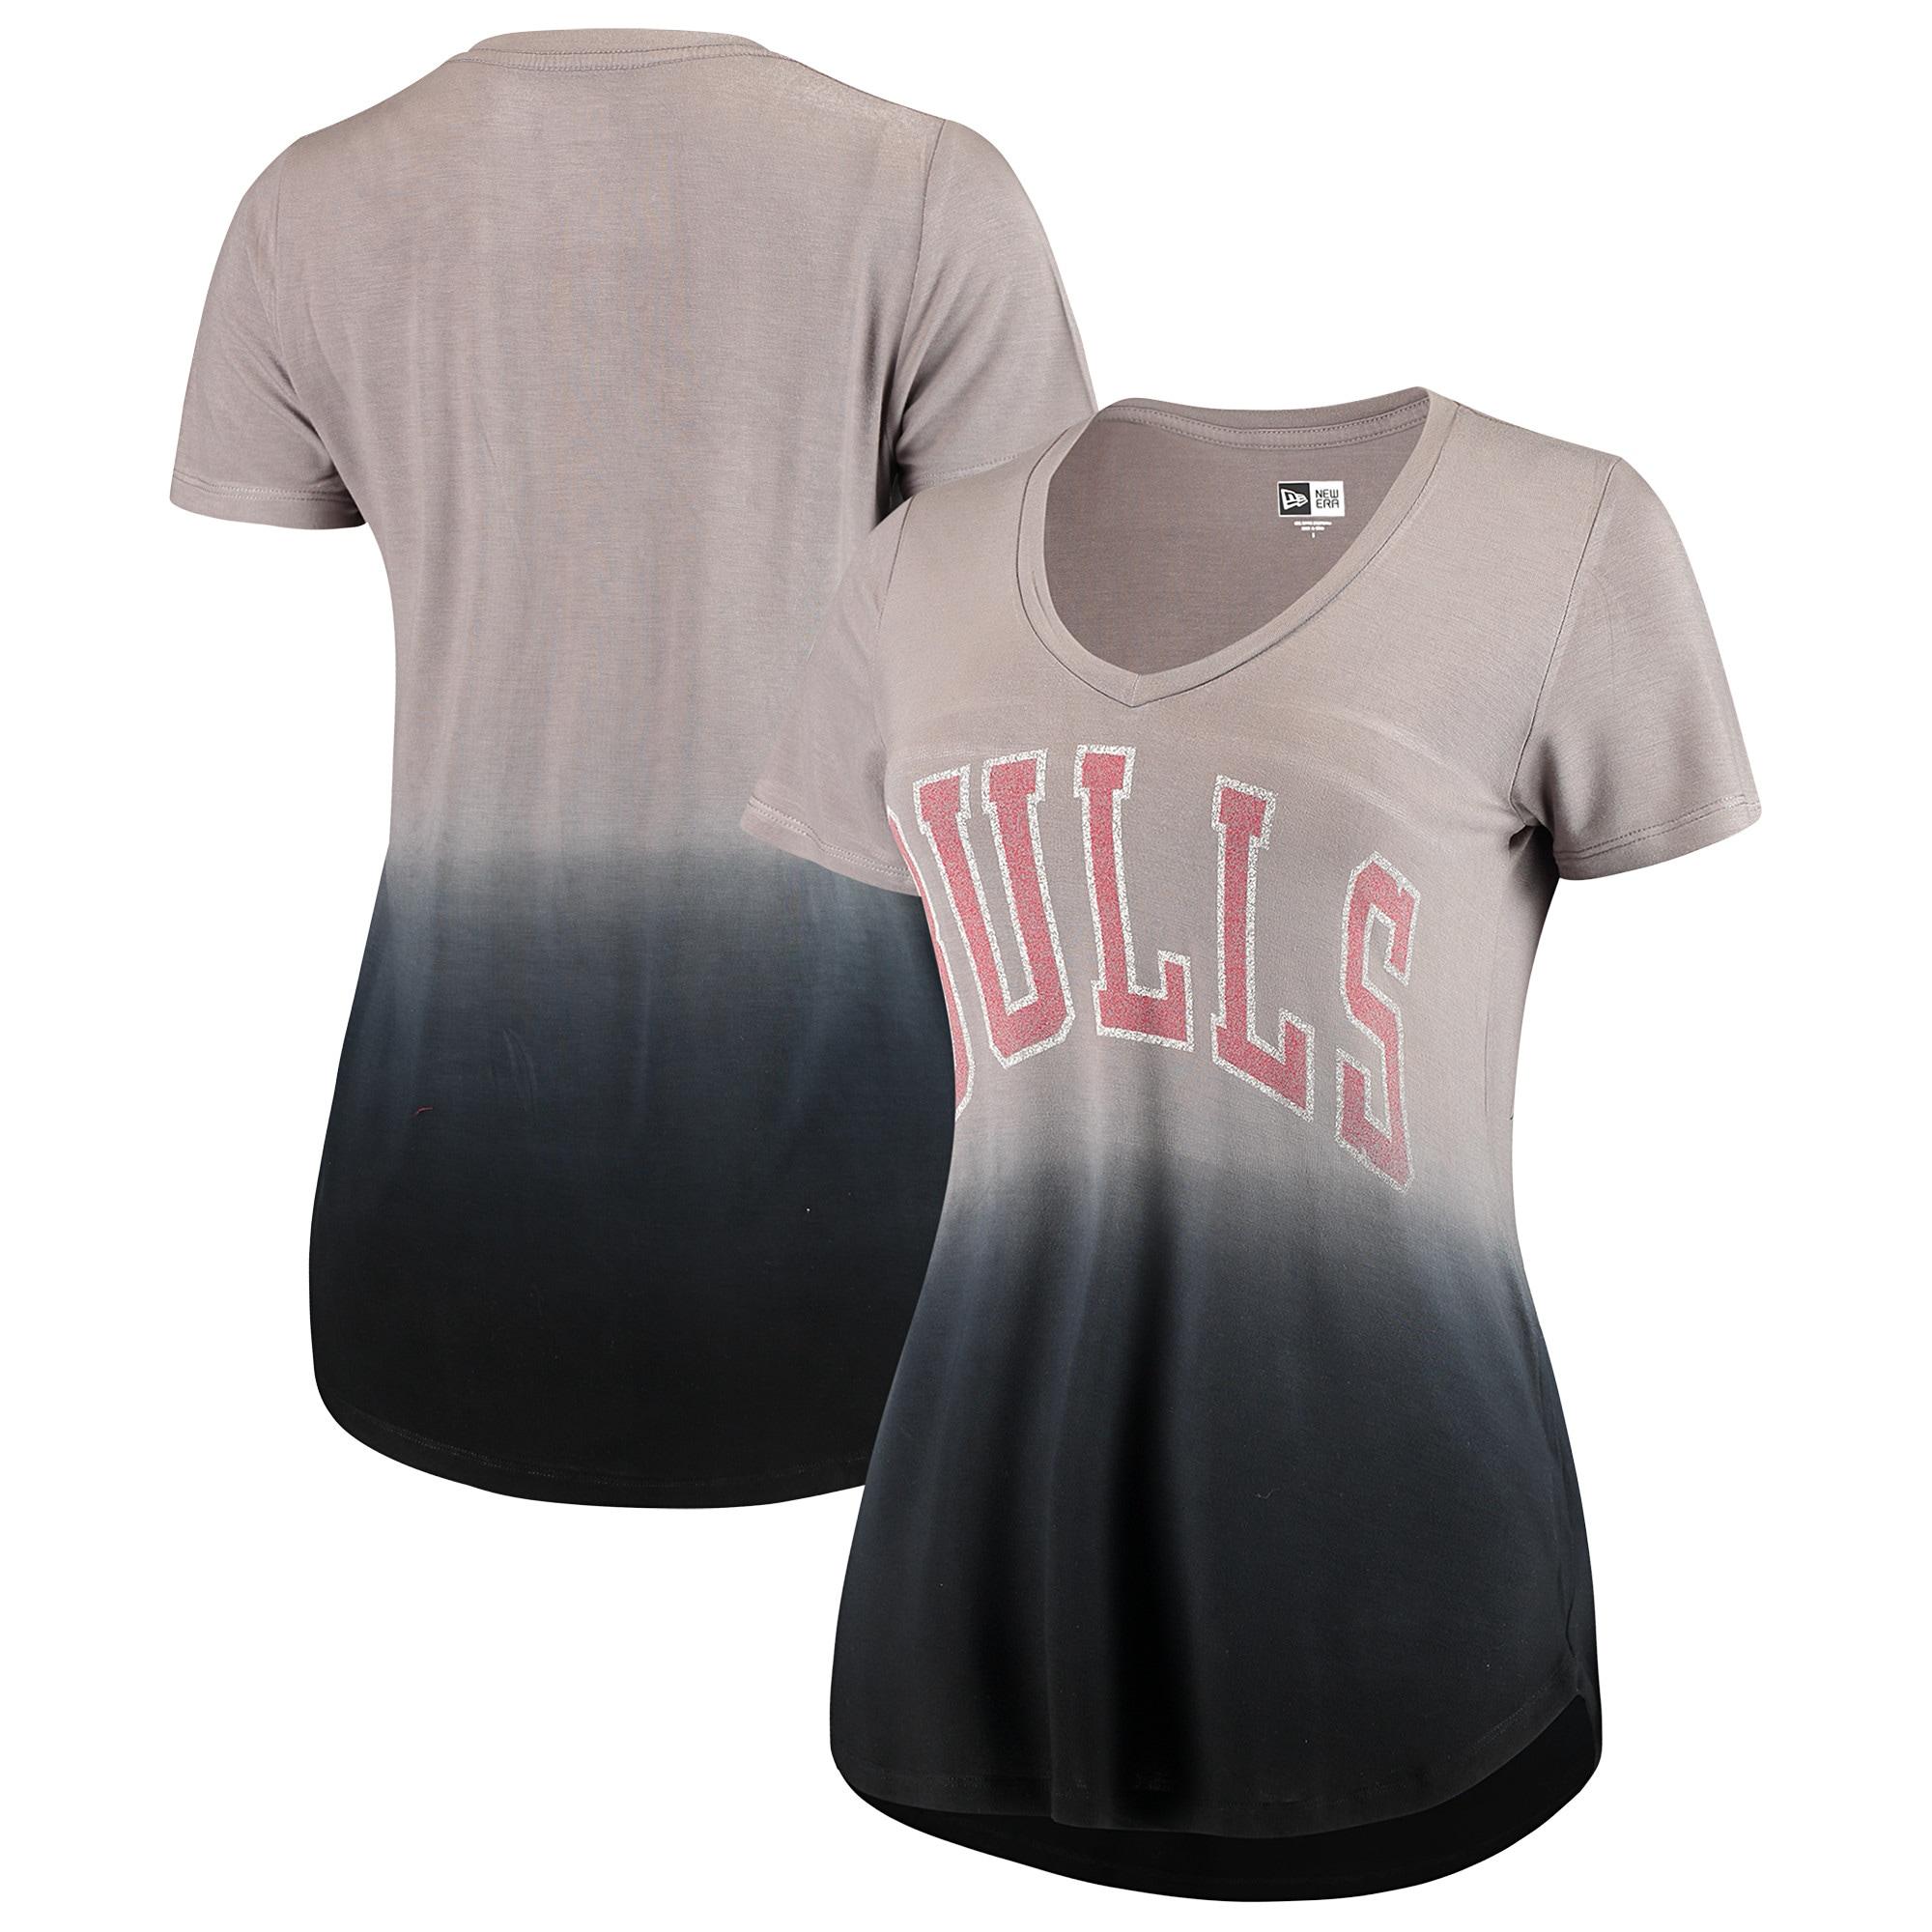 Chicago Bulls New Era Women's Jersey Dip-Dye V-Neck T-Shirt - Gray/Black